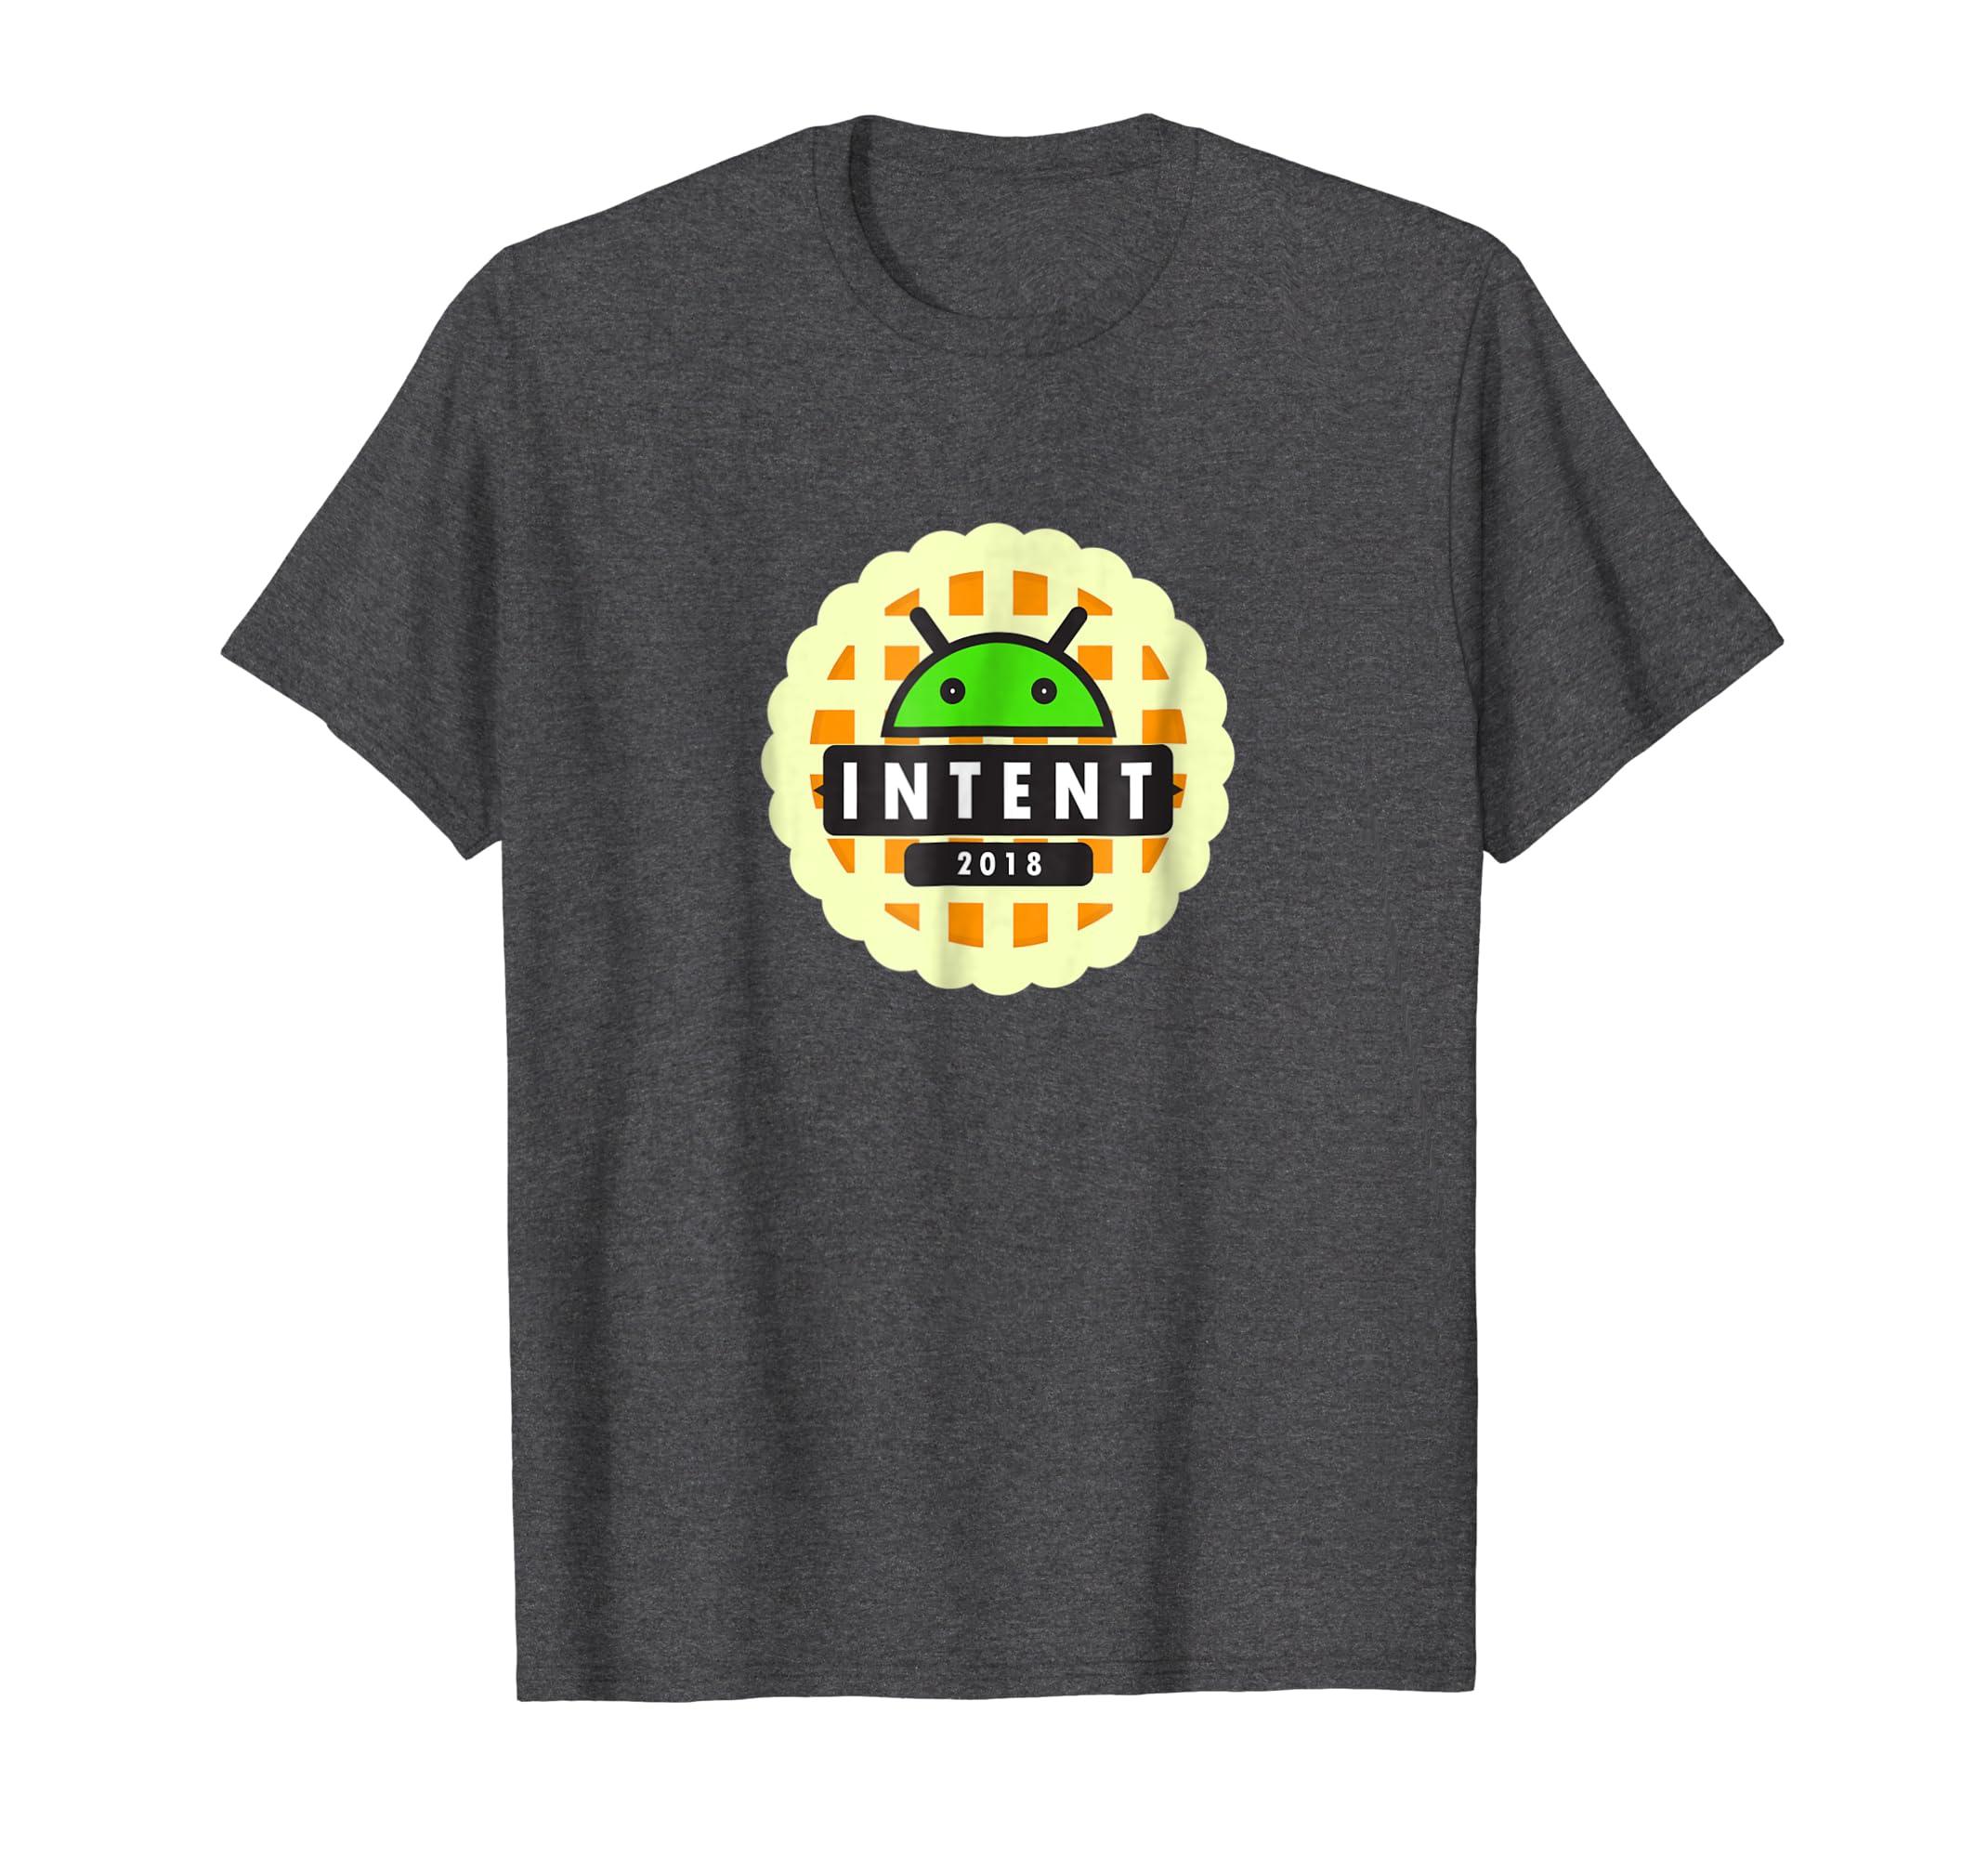 2018 Shirt-Awarplus